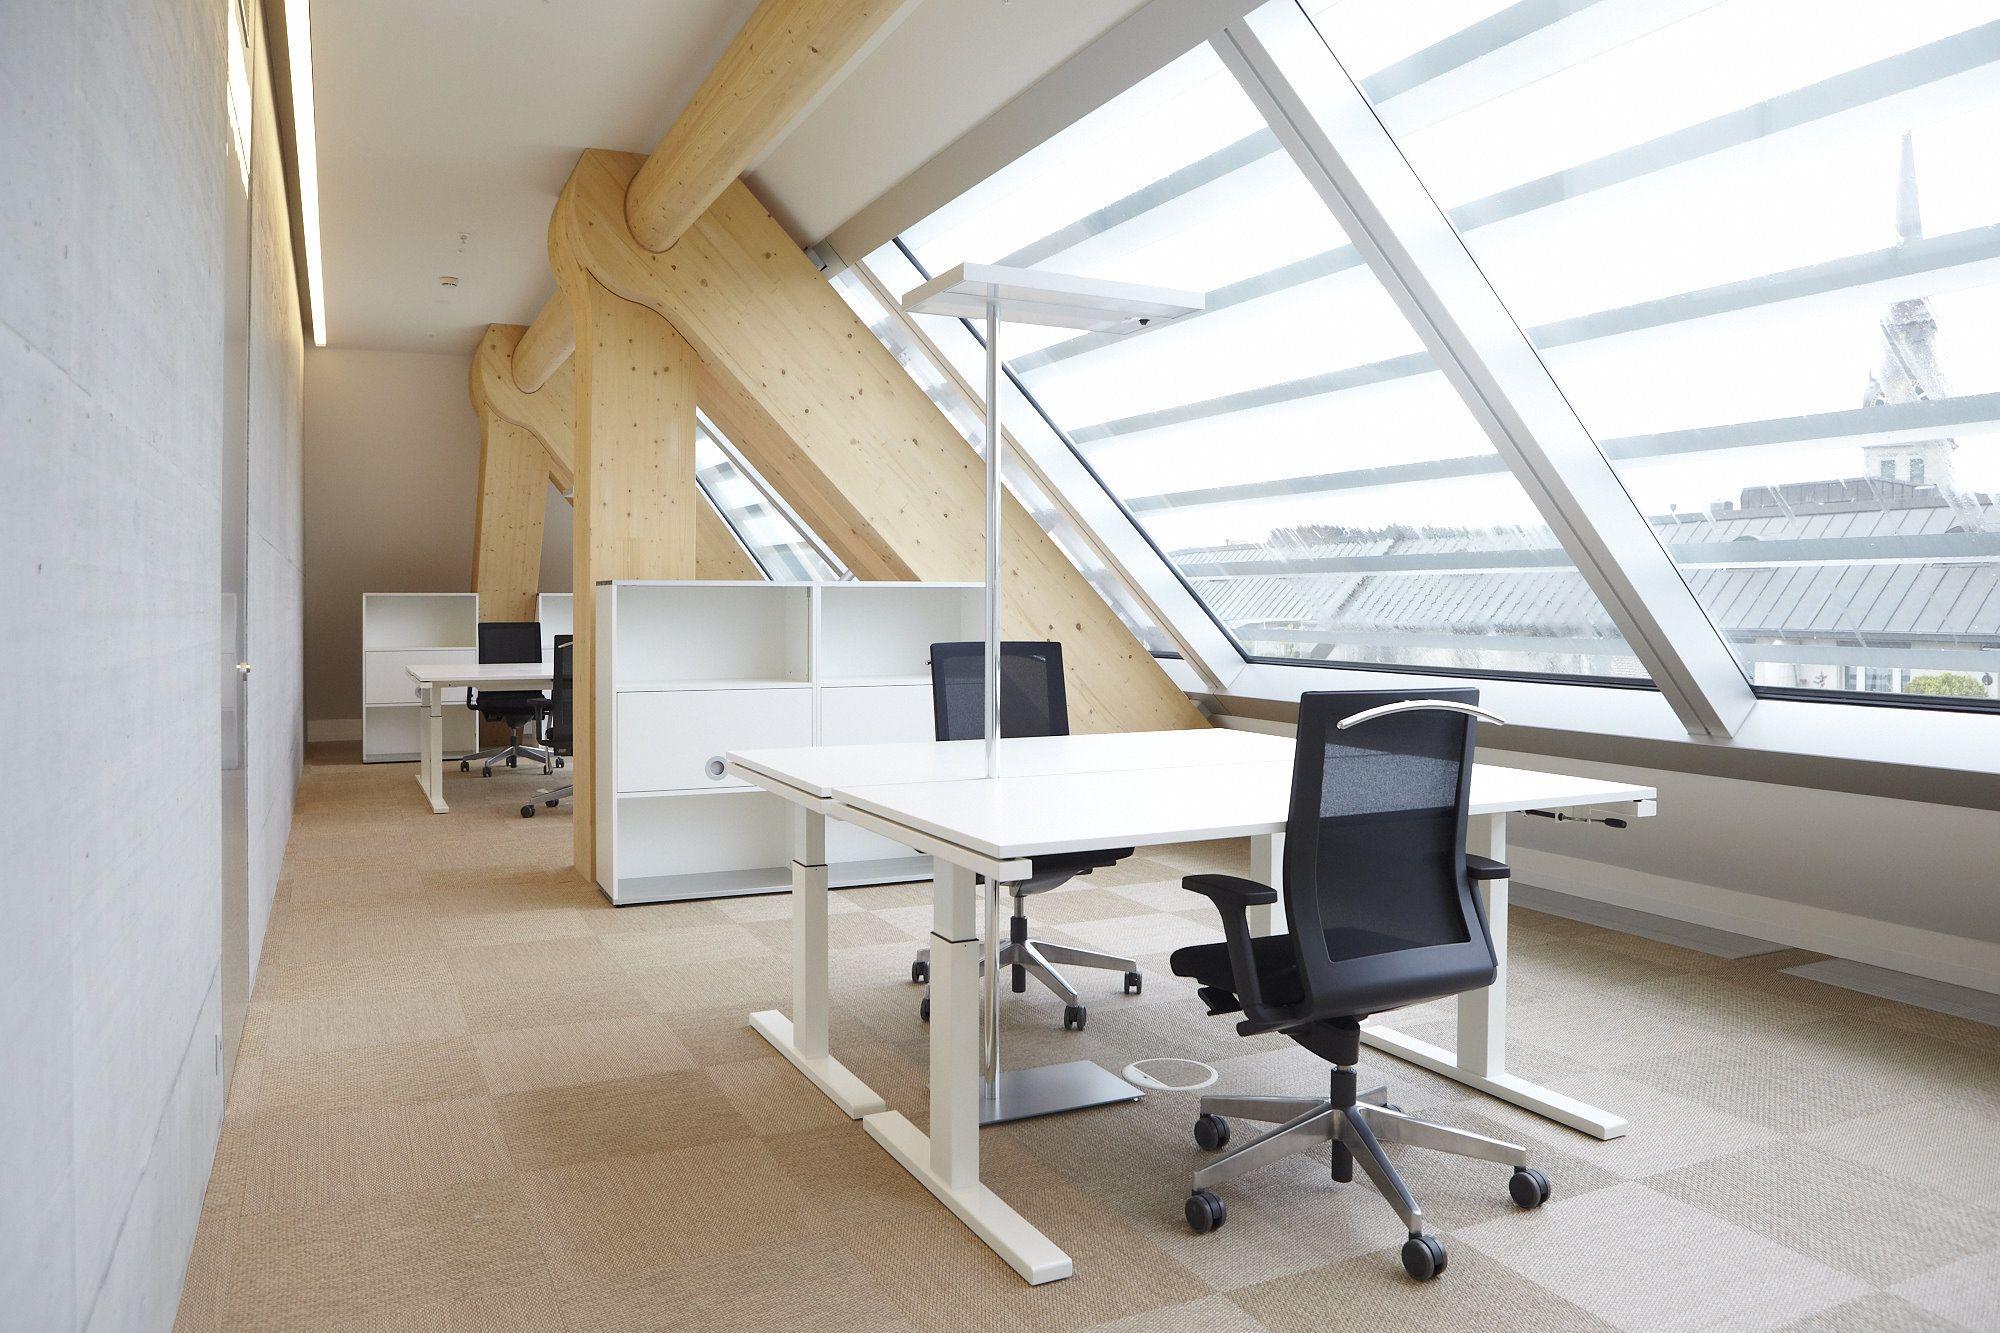 tischsystem mit unserer produktelinie dem d3 - Herman Miller Tischsysteme